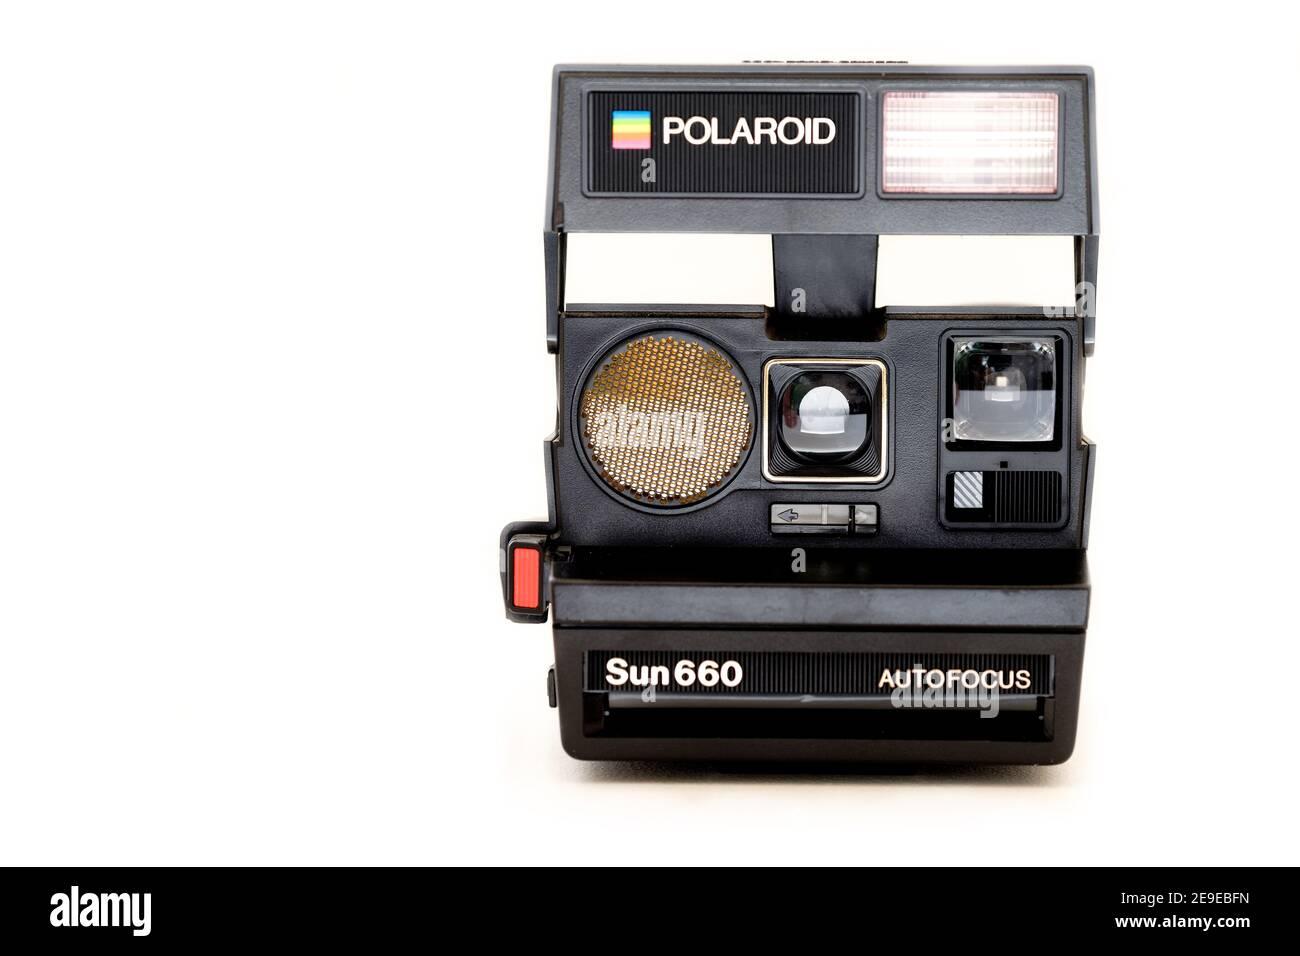 Un appareil photo instantané Polaroid Sun 660 original. L'appareil photo instantané emblématique des années 1980 est montré entièrement ouvert une prise de vue sur un fond blanc Pali Banque D'Images